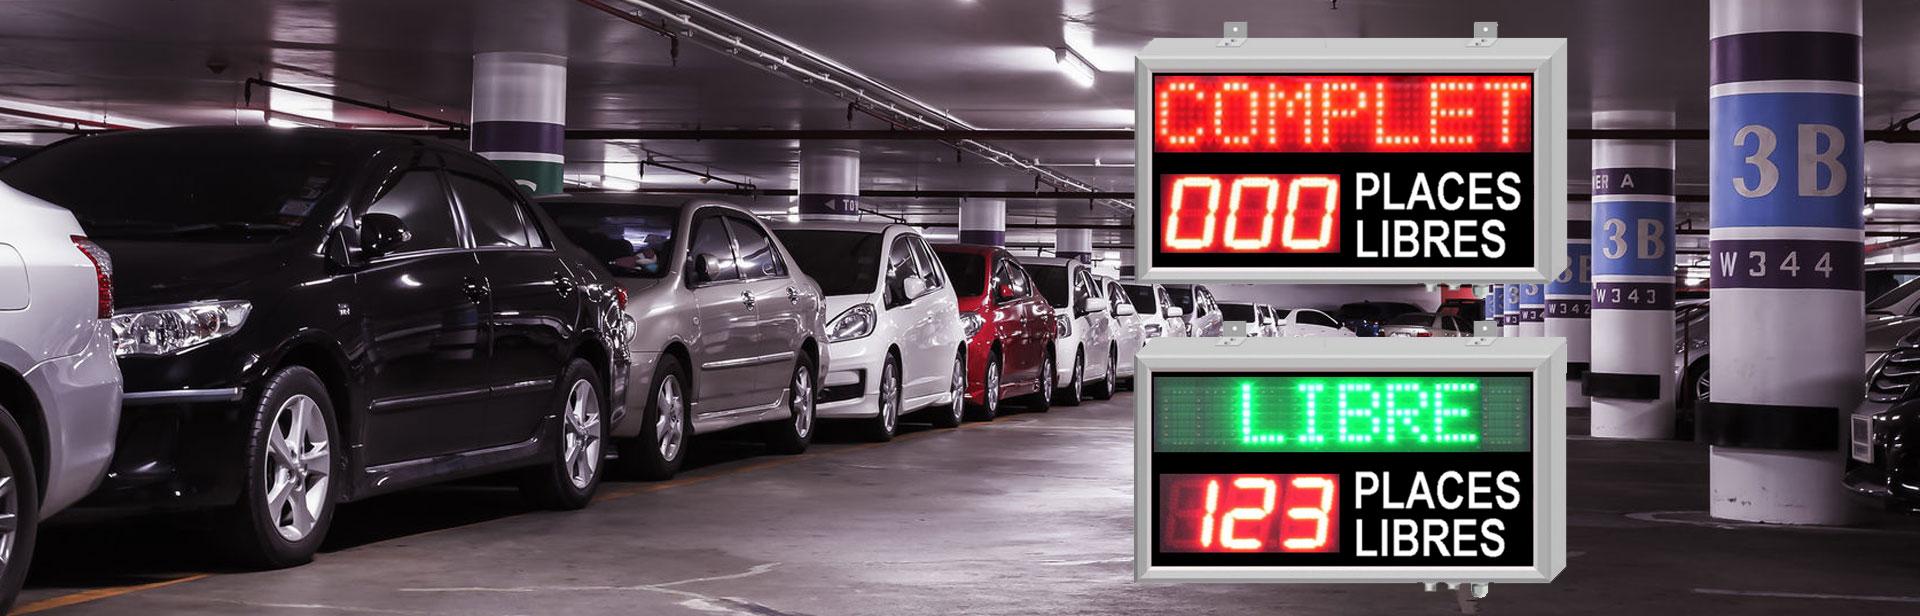 Affichage parkings : Afficheurs ACI